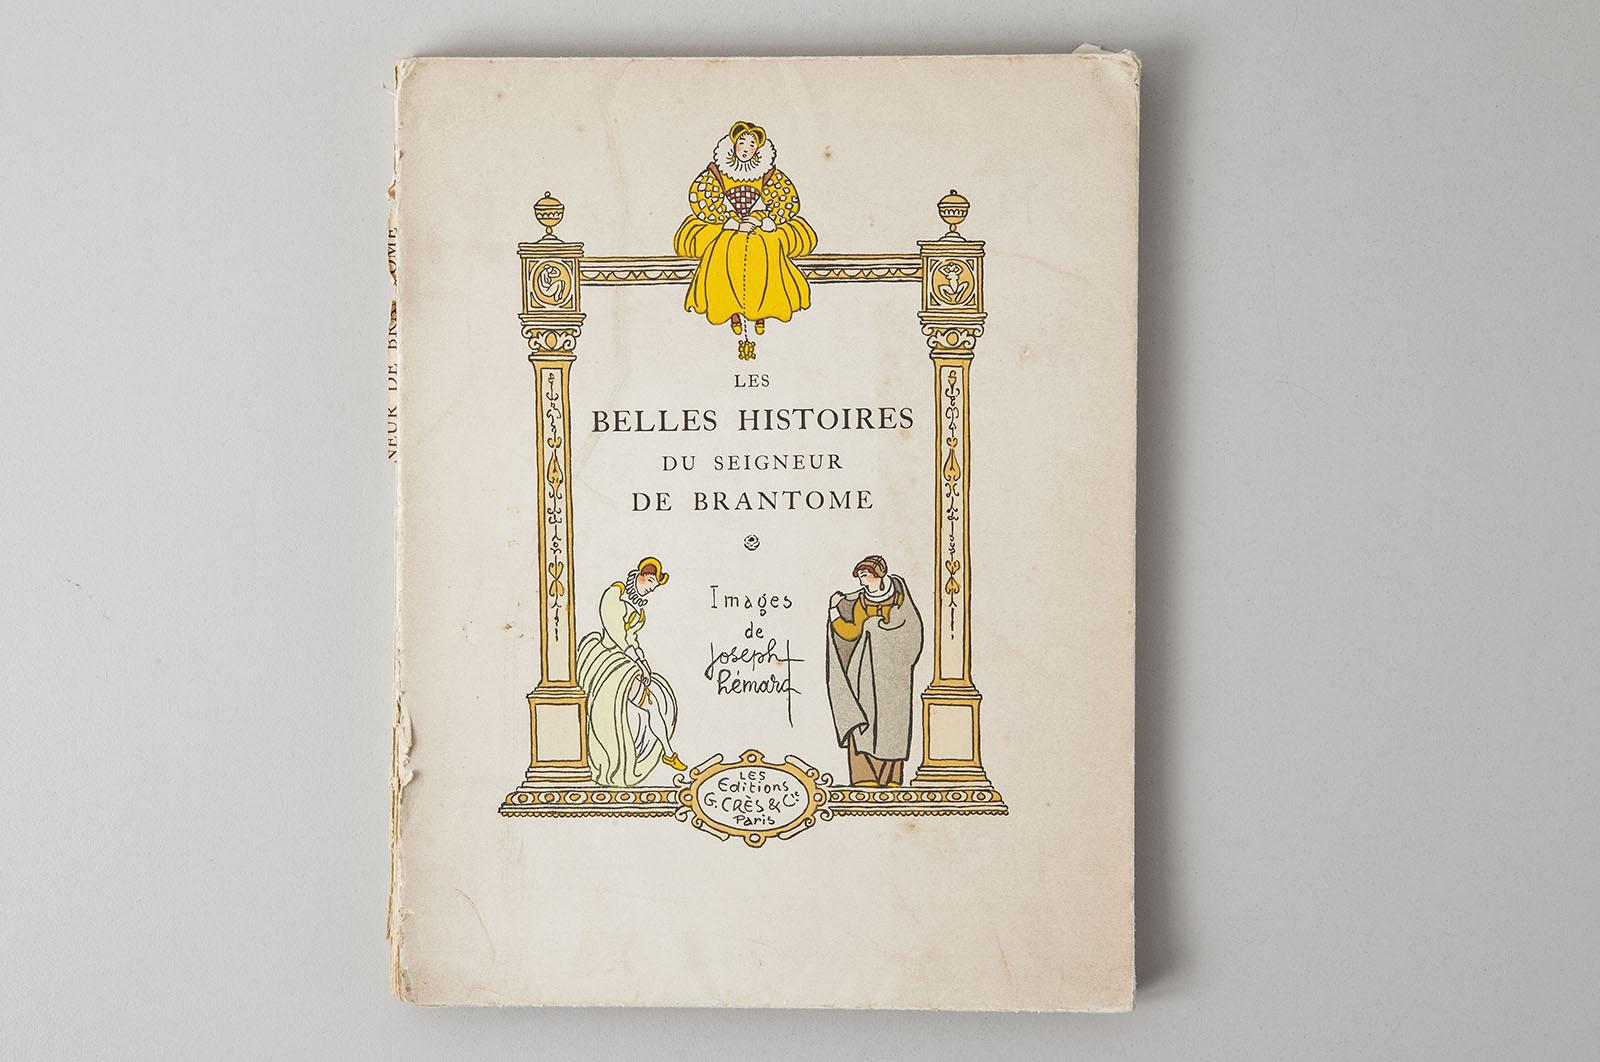 Belles Histoires Du Seigneur de Brantome 1b